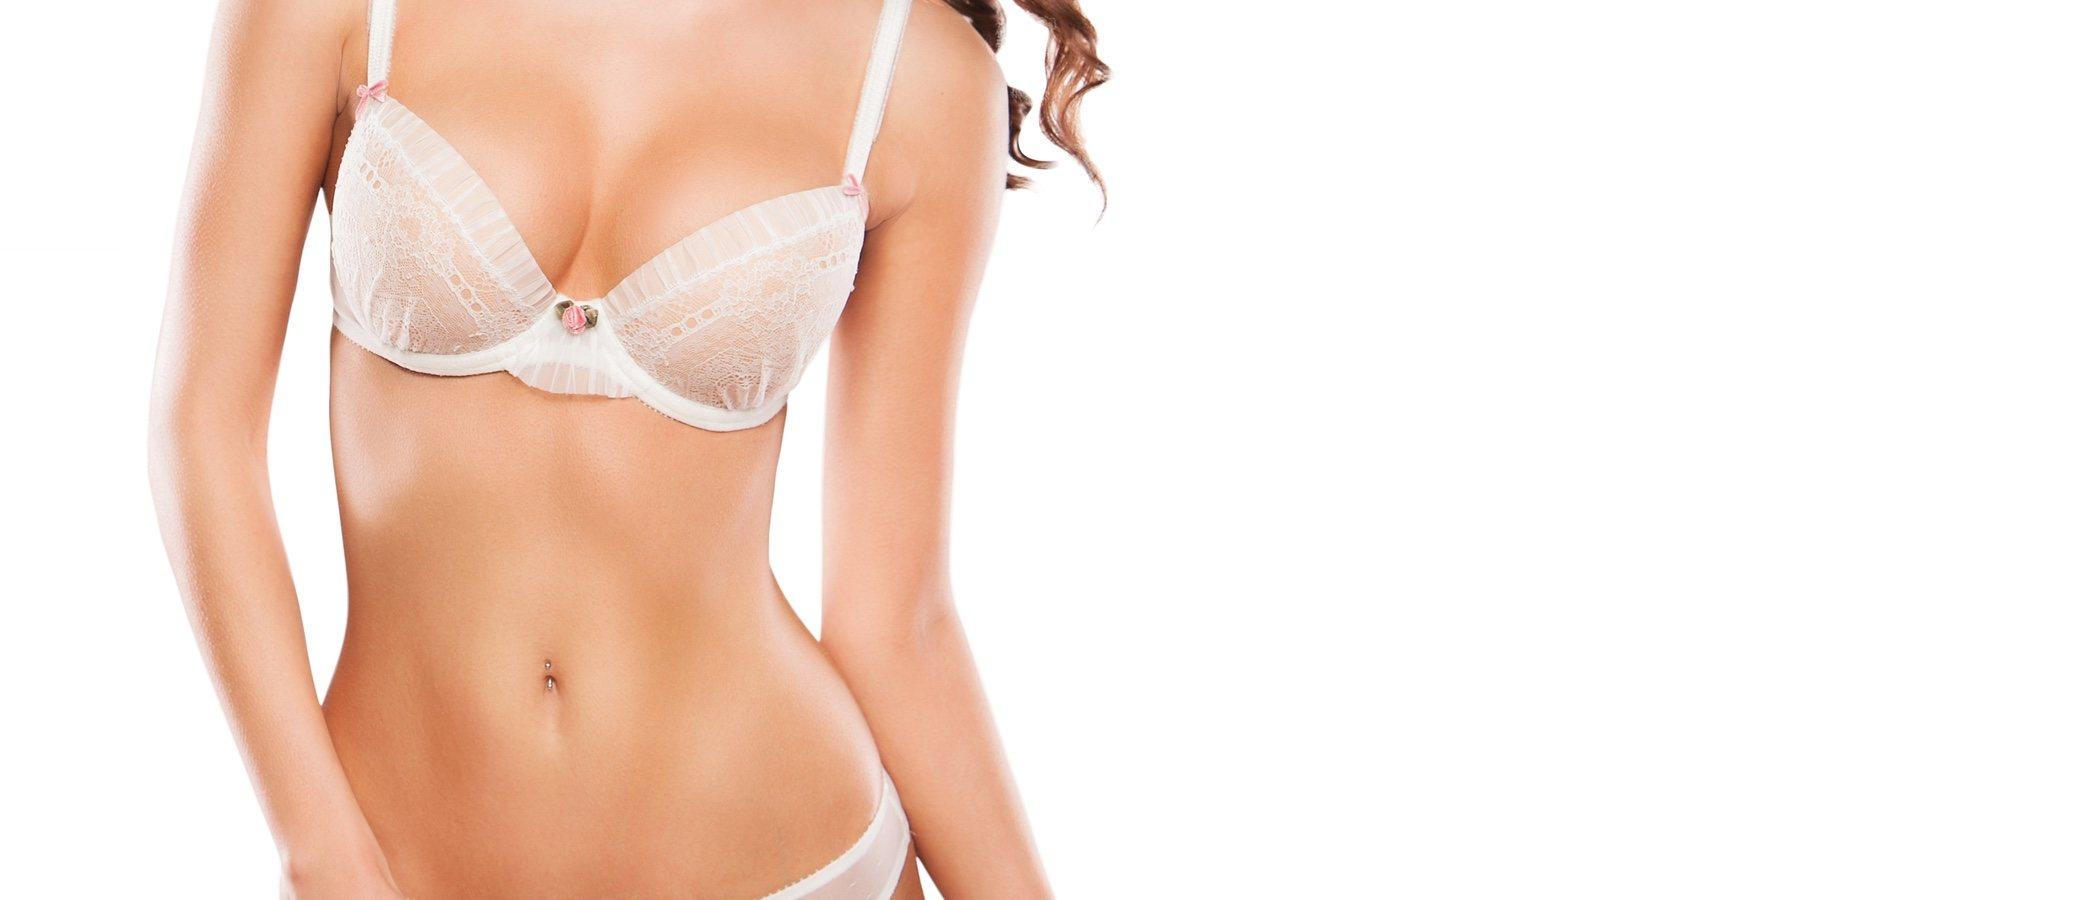 Ejercicios para fortalecer el pecho sin cirugía